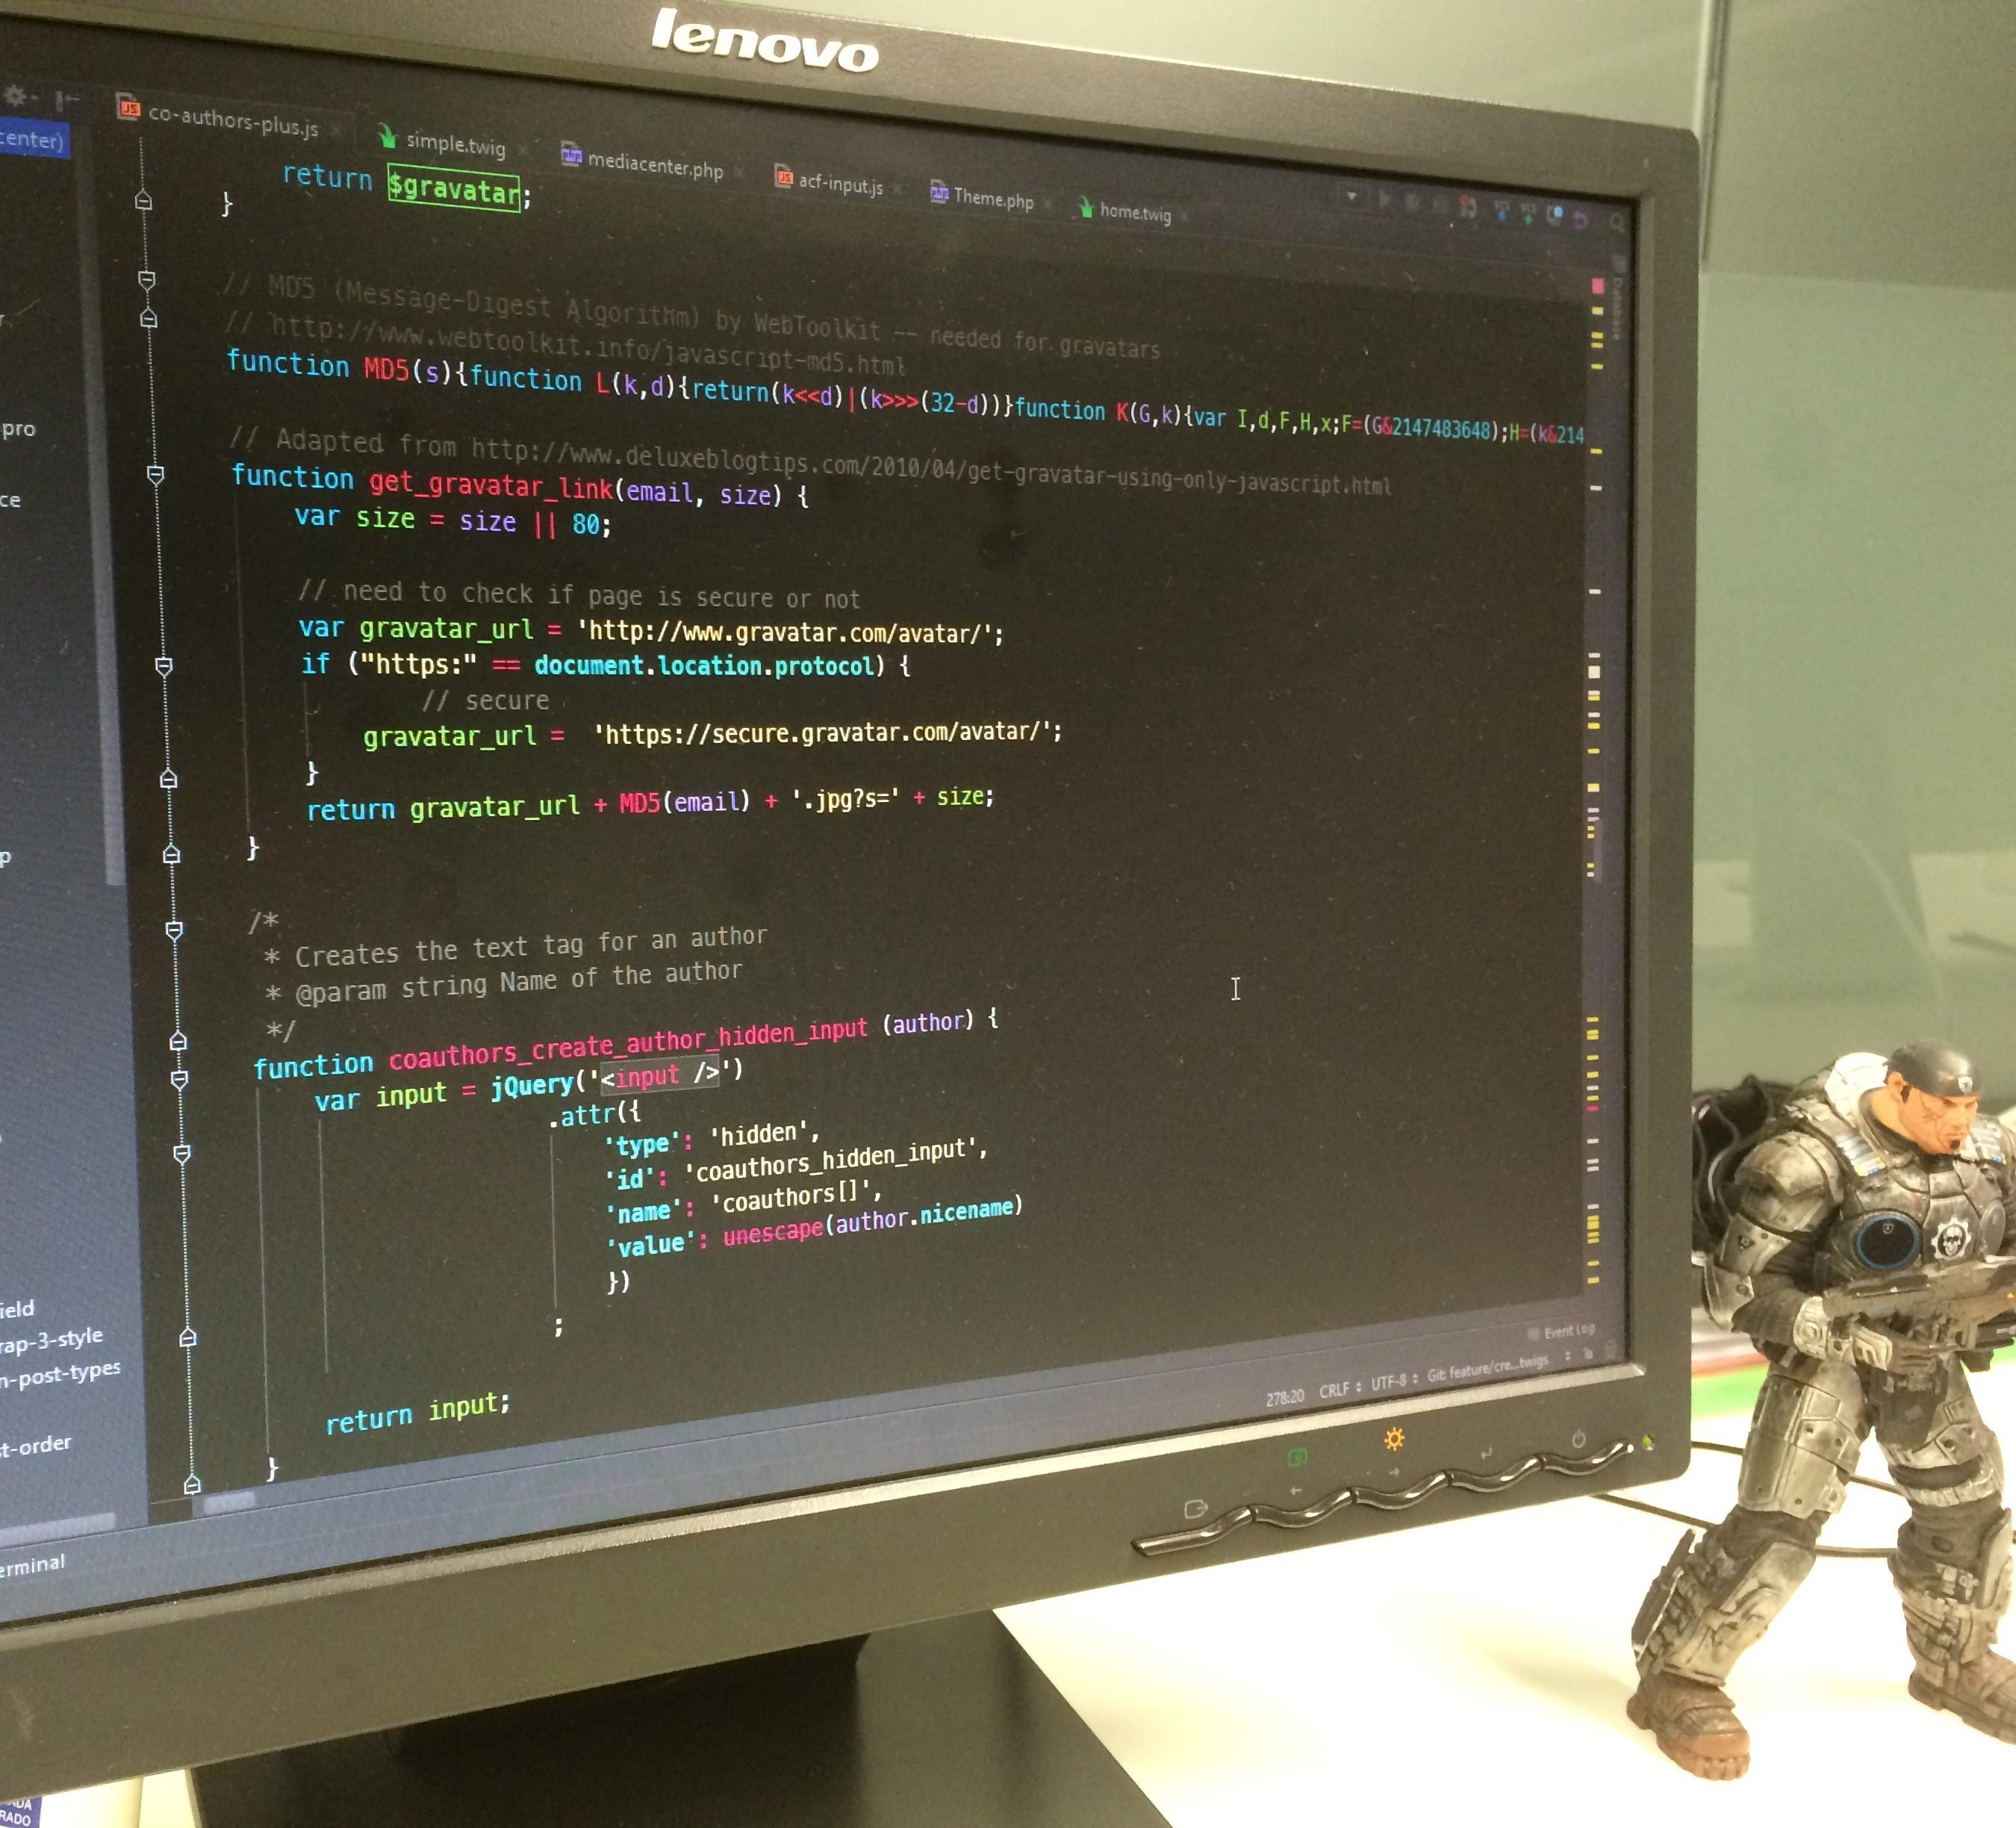 Imagen de proyecto en PHPStorm